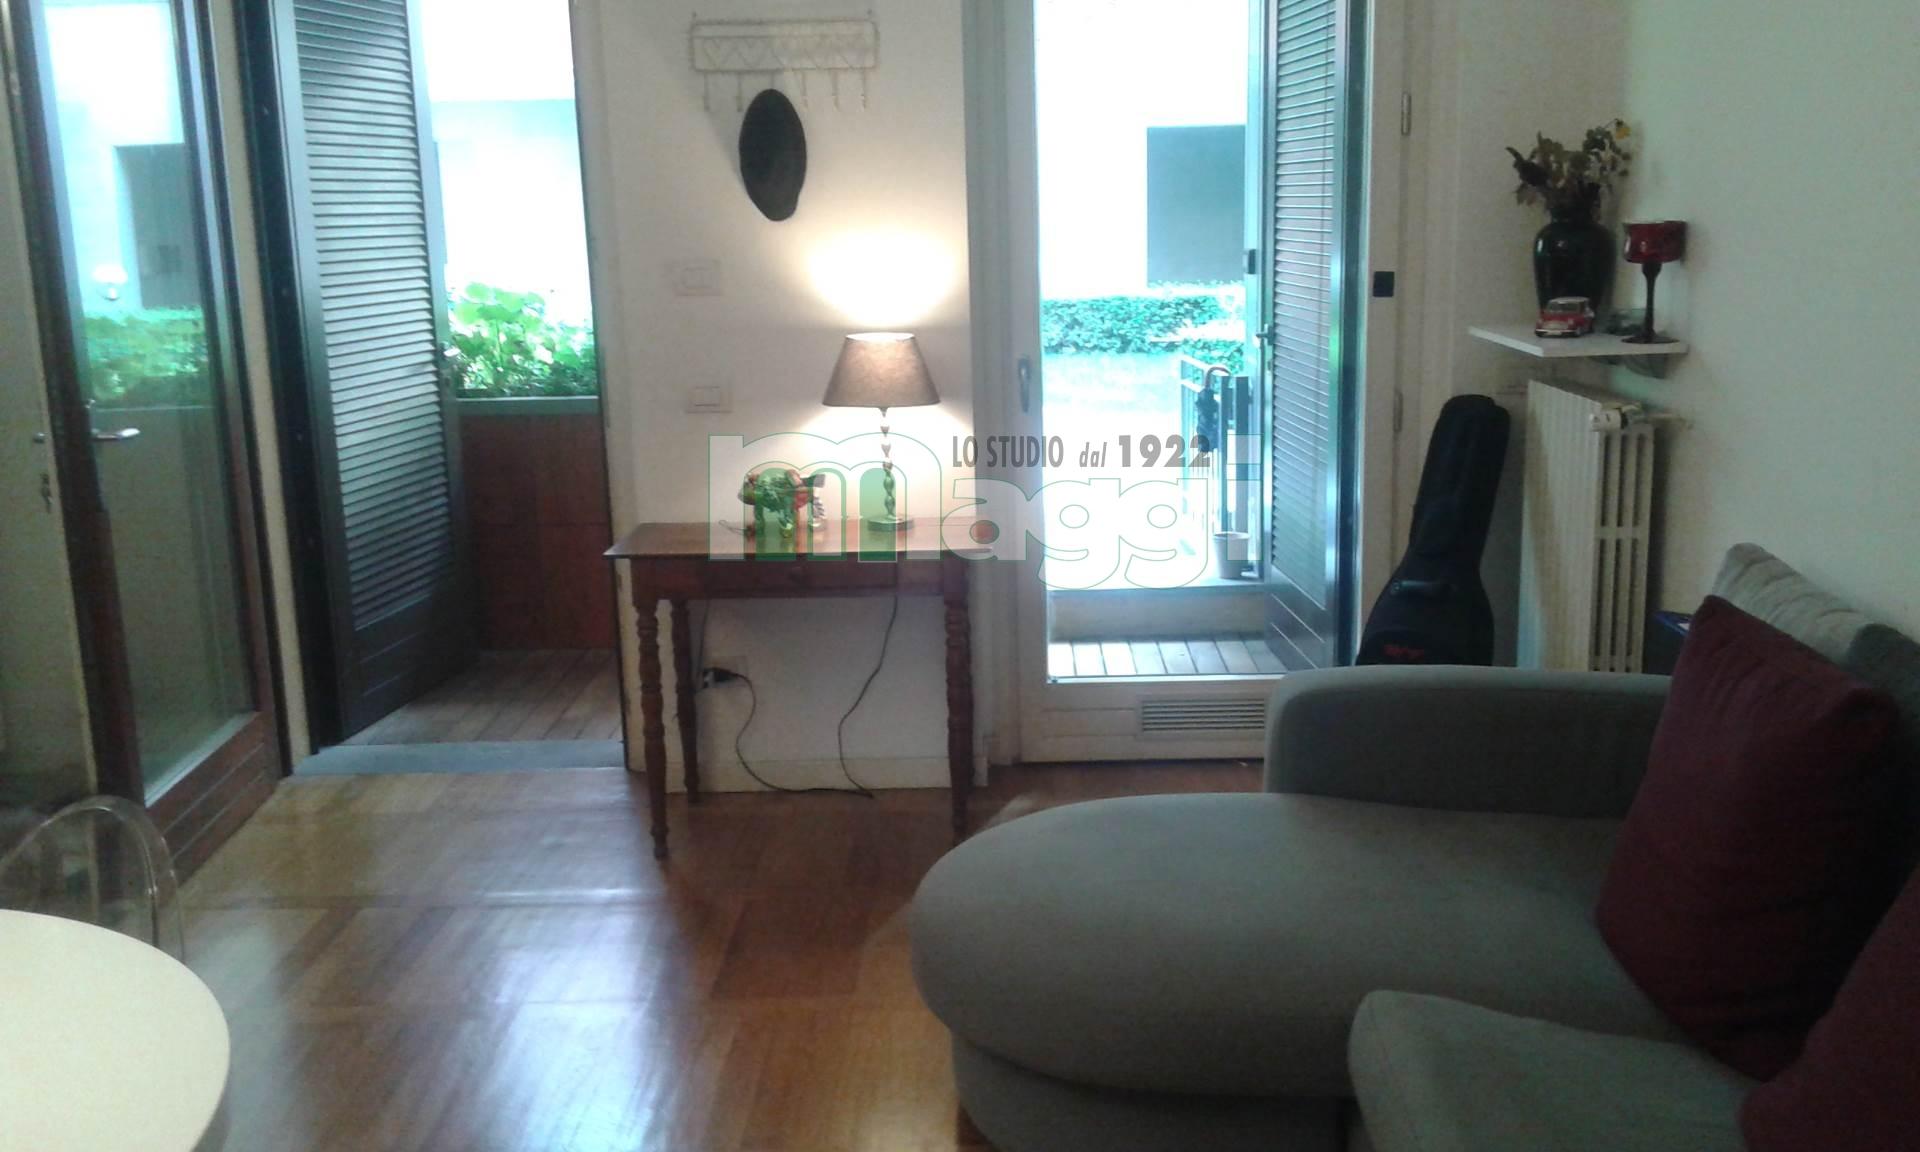 Appartamento in vendita a Milano, 2 locali, zona Zona: 8 . Bocconi, C.so Italia, Ticinese, Bligny, prezzo € 430.000 | Cambio Casa.it